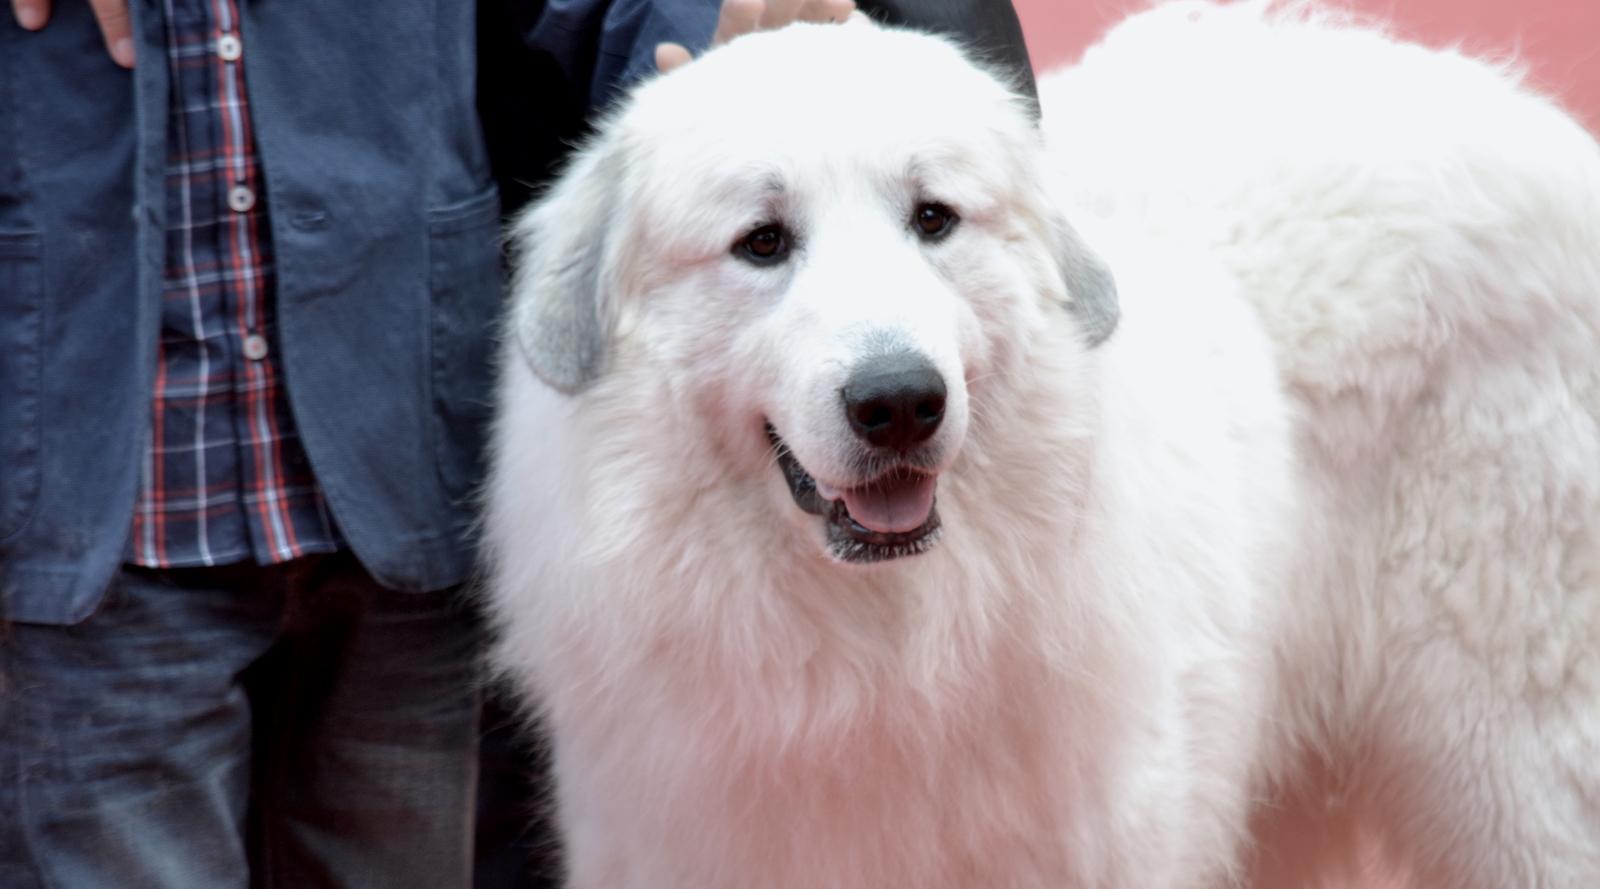 Roma 2015: Il cane Belle posa sul red carpet di Belle & Sèbastien, l'avventura continua